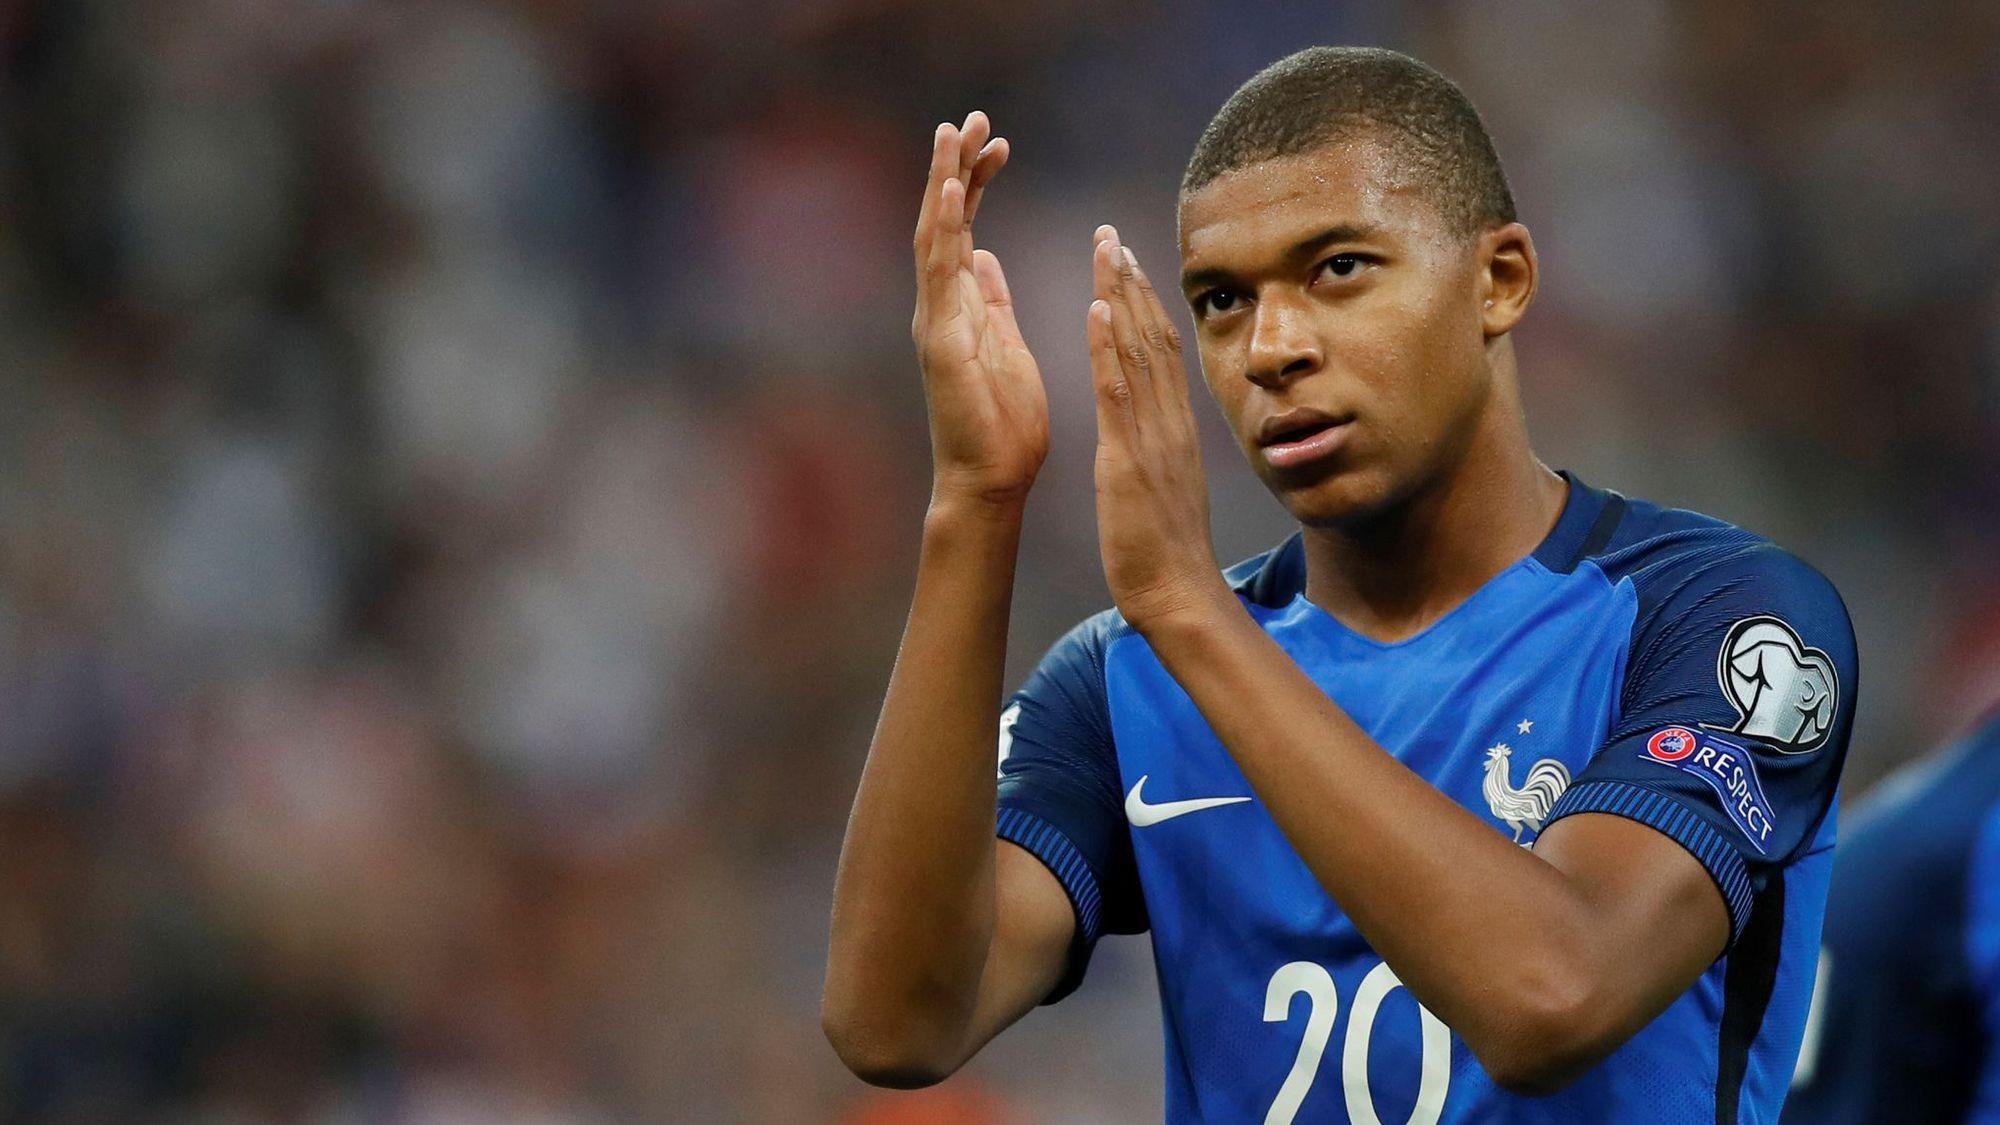 Le parcours de l'Équipe de France de football aux éliminatoires de la Coupe du Monde 2018